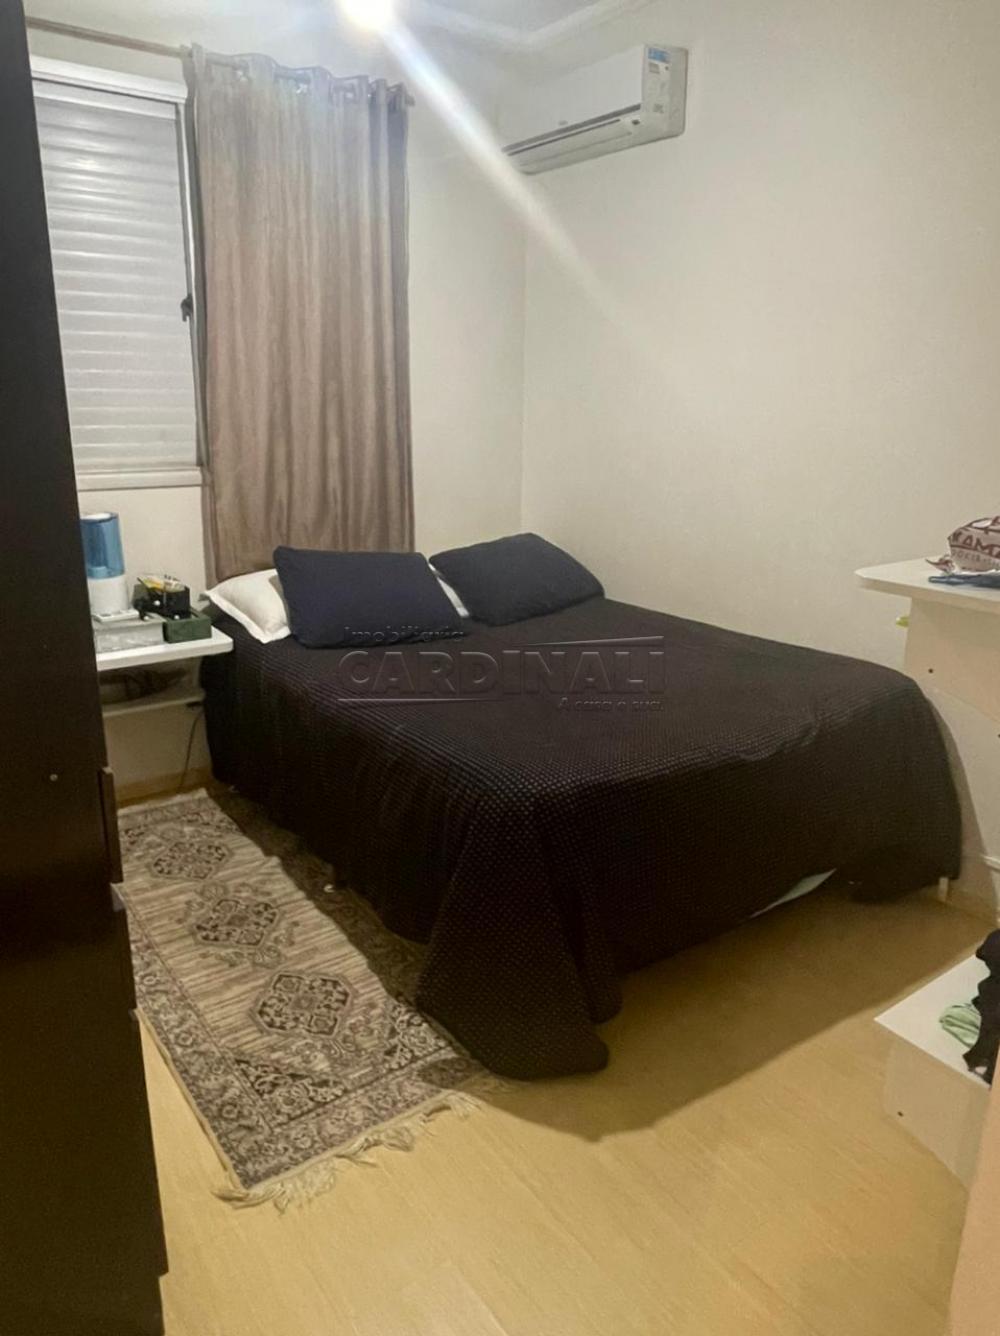 Comprar Apartamento / Padrão em Araraquara R$ 260.000,00 - Foto 10